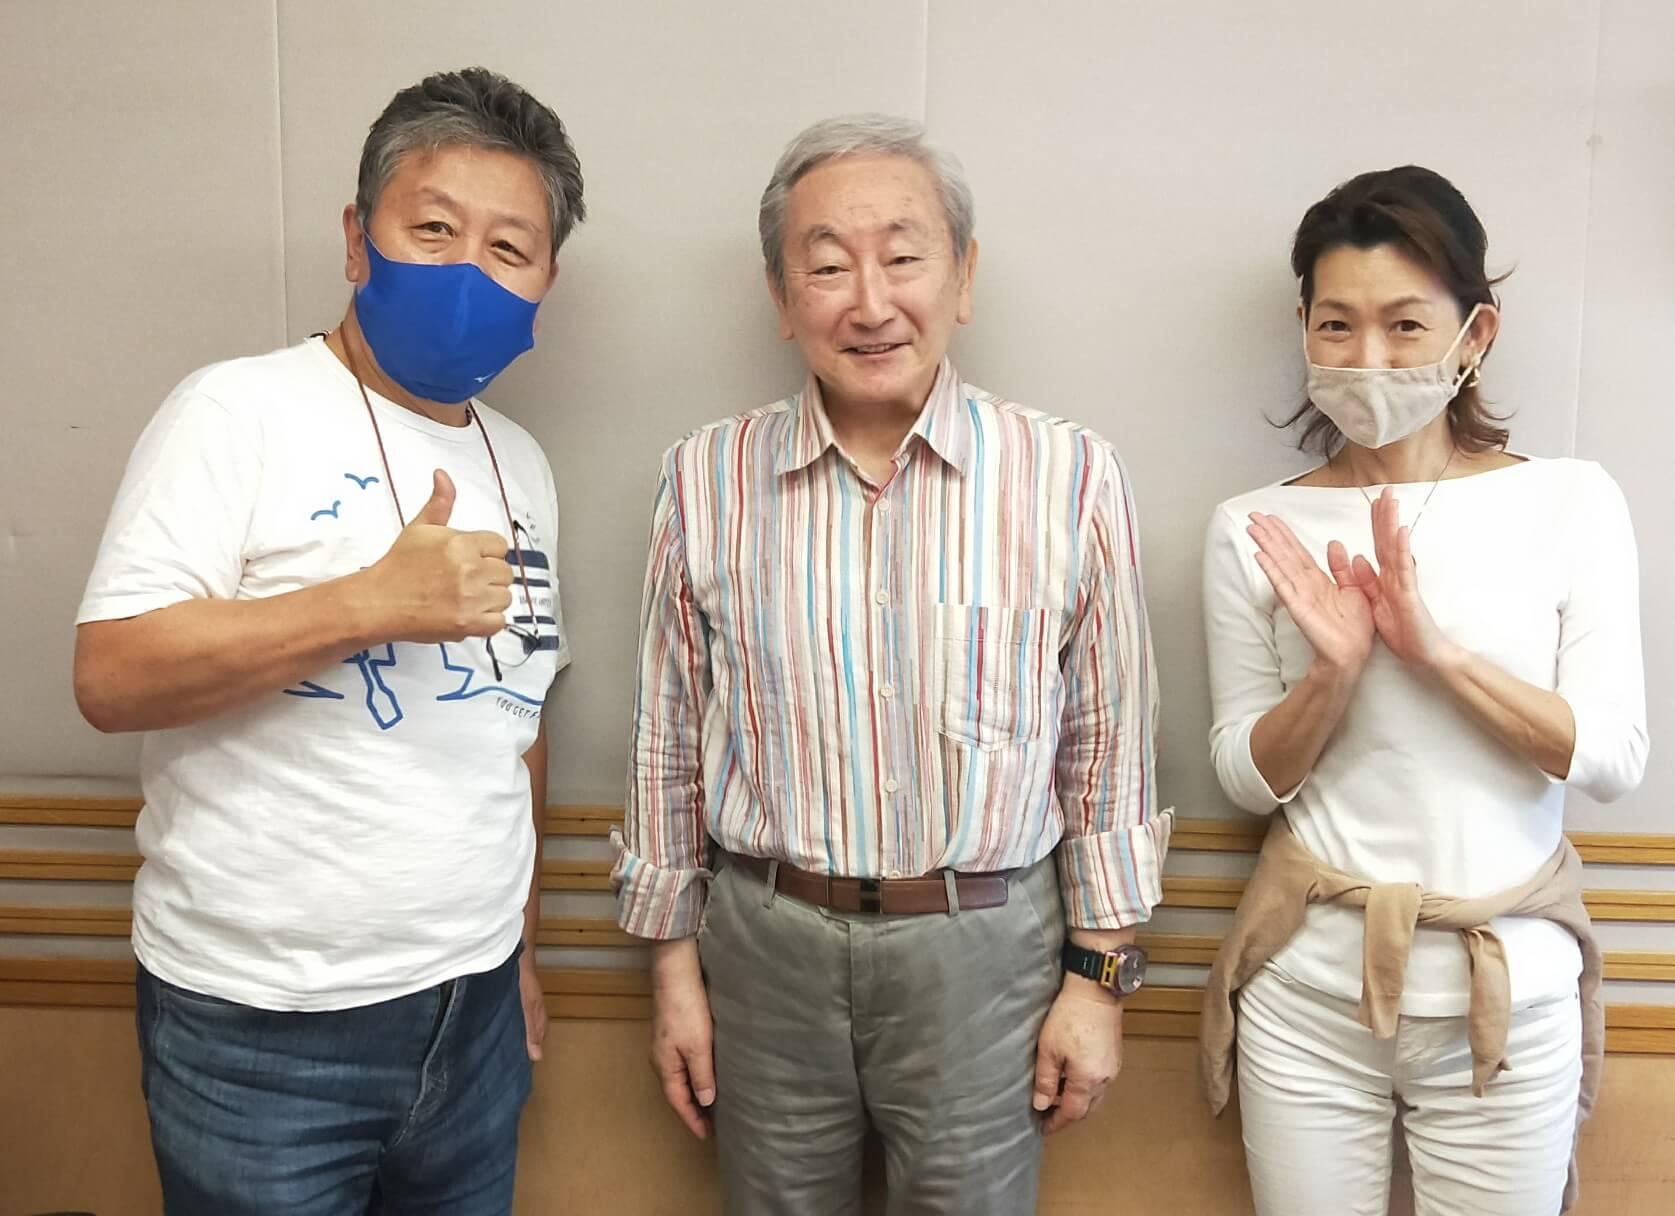 橋本大二郎が今忌憚なく語る、総裁選のこと・皇室のこと〜9月30日「くにまるジャパン極」